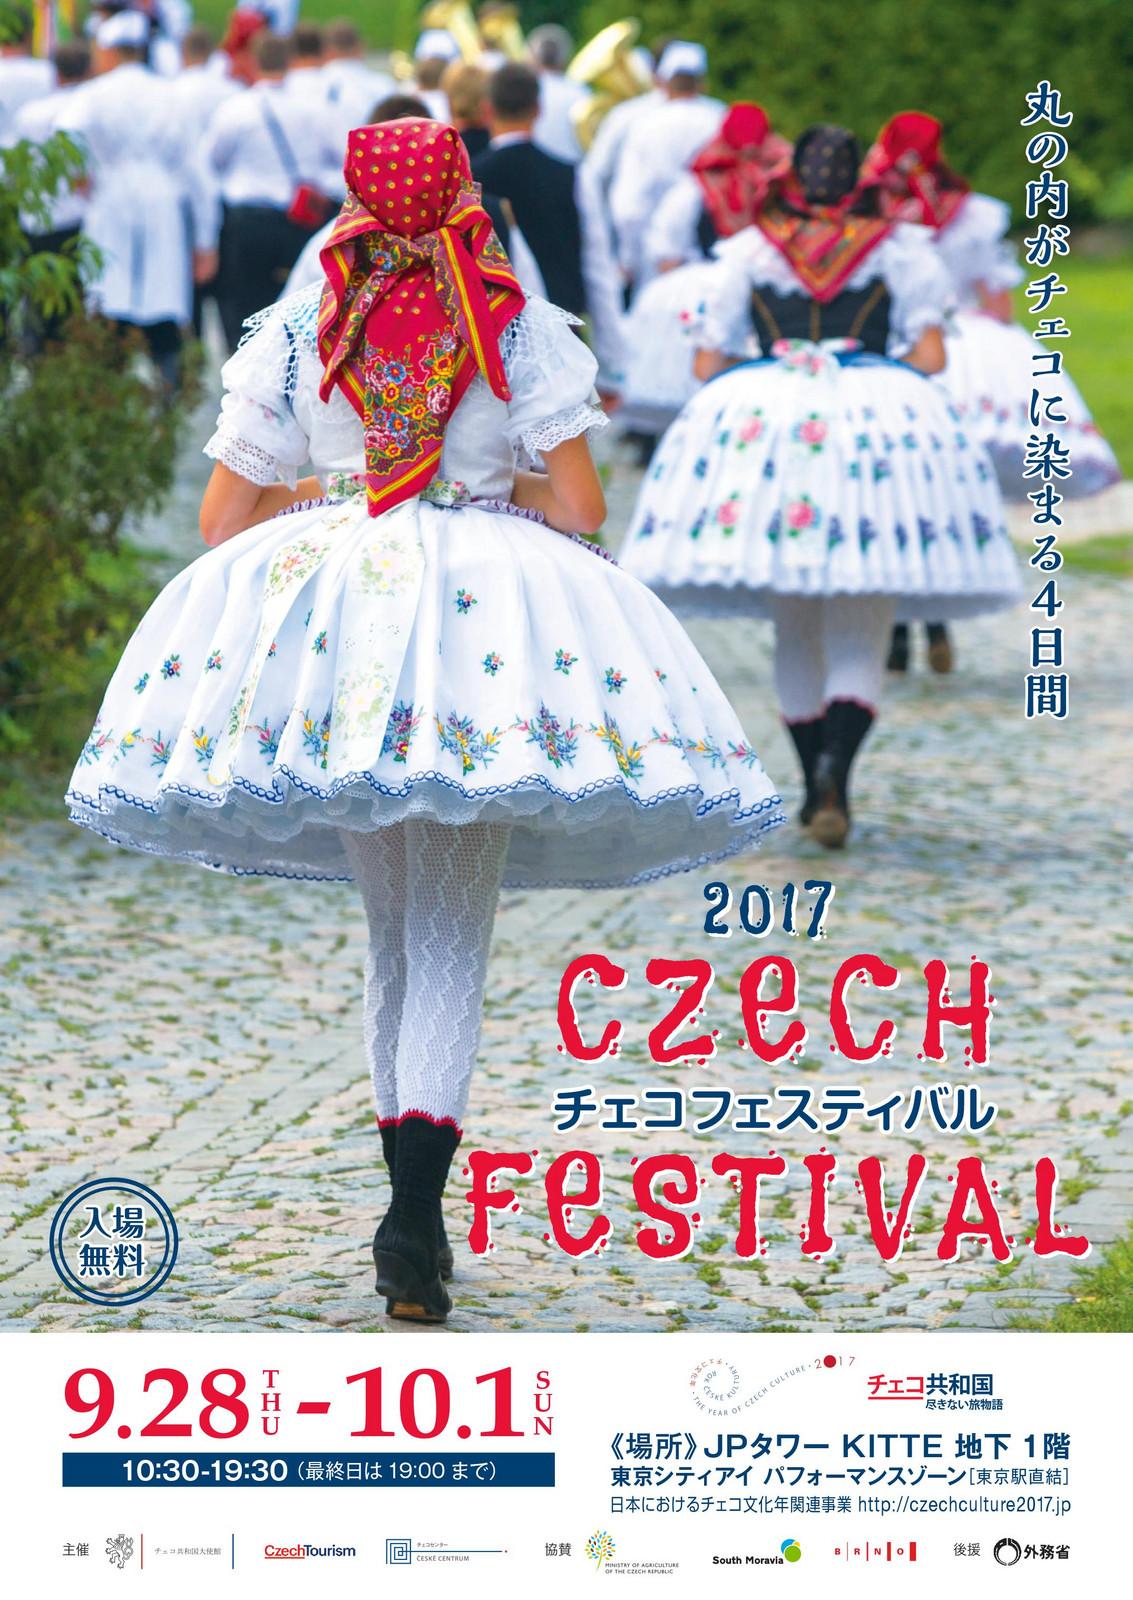 Fin_czechfestival2017_2